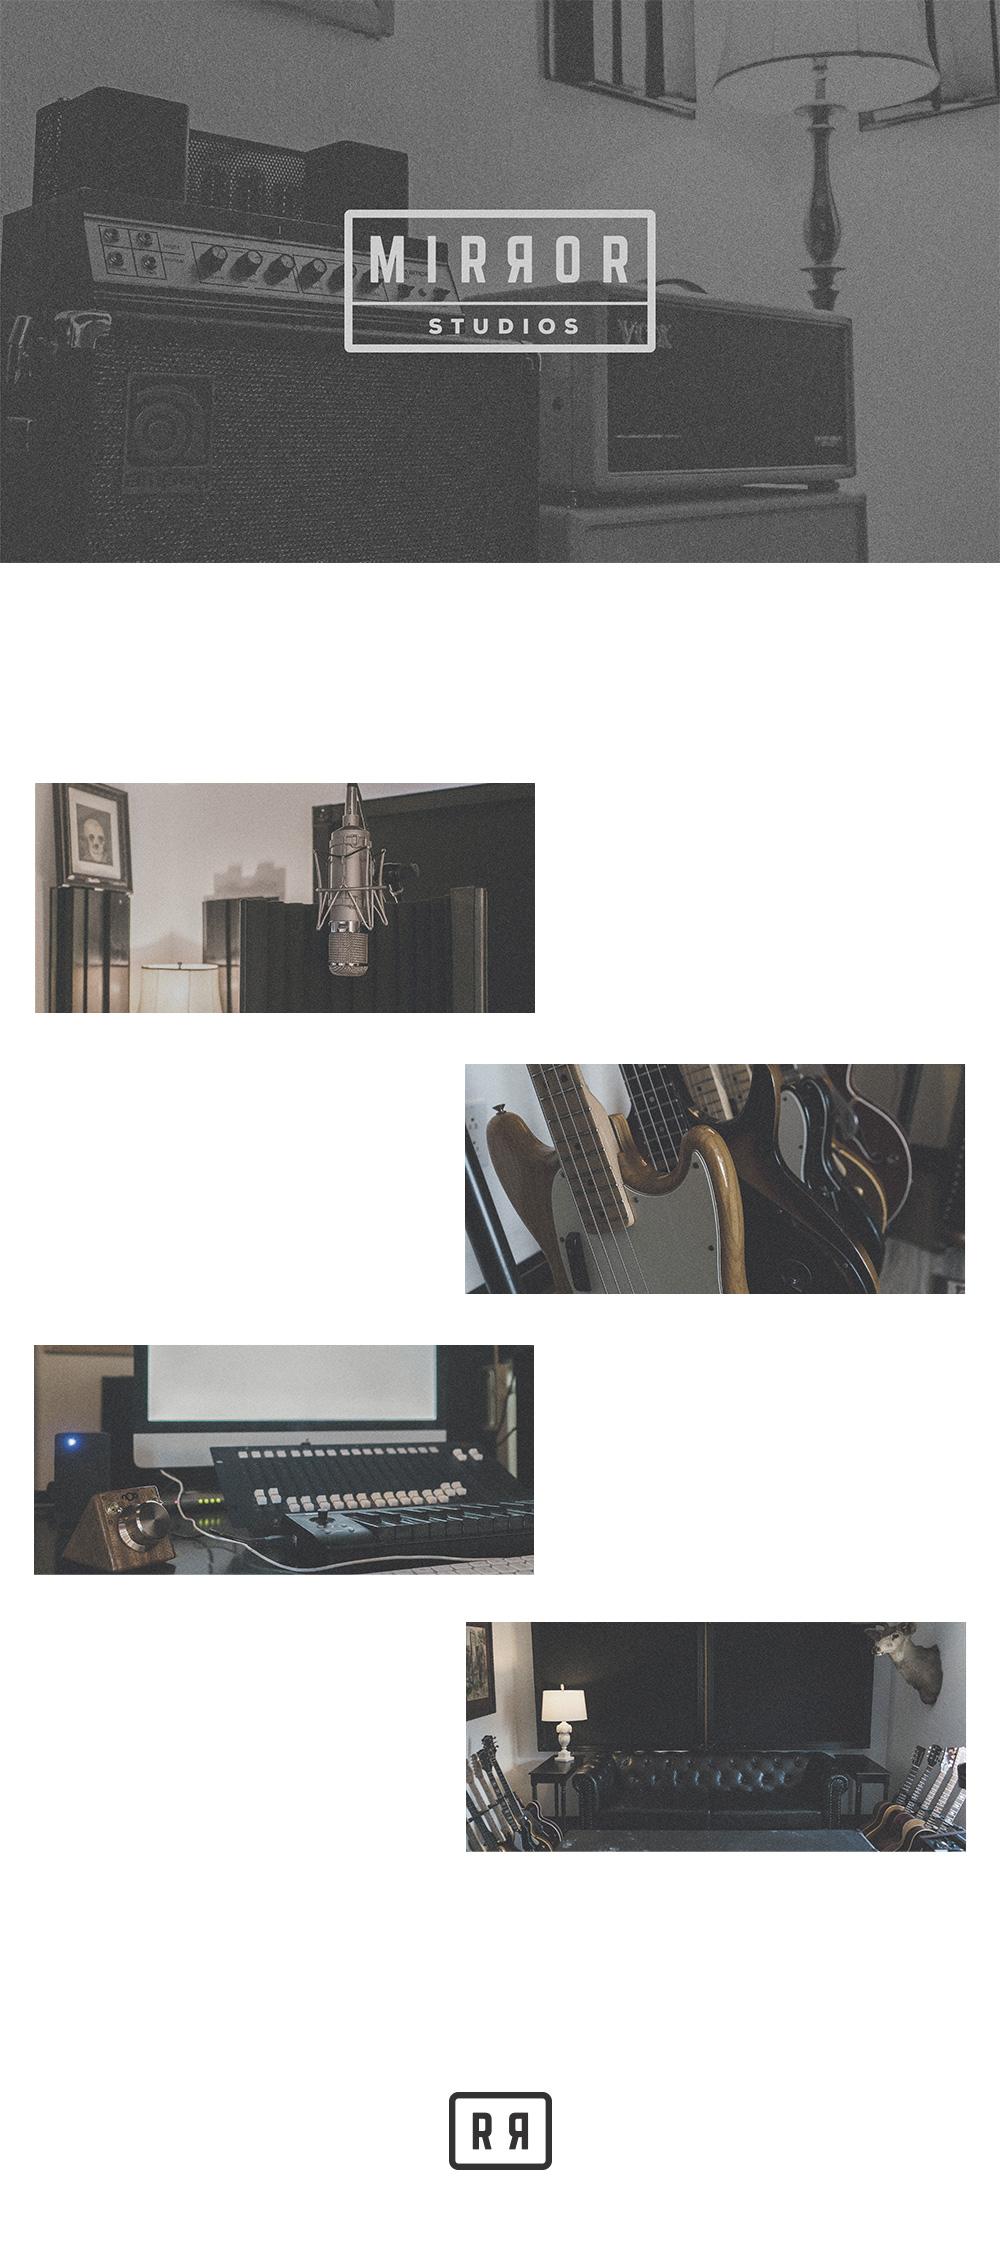 Mirror Studios Branding